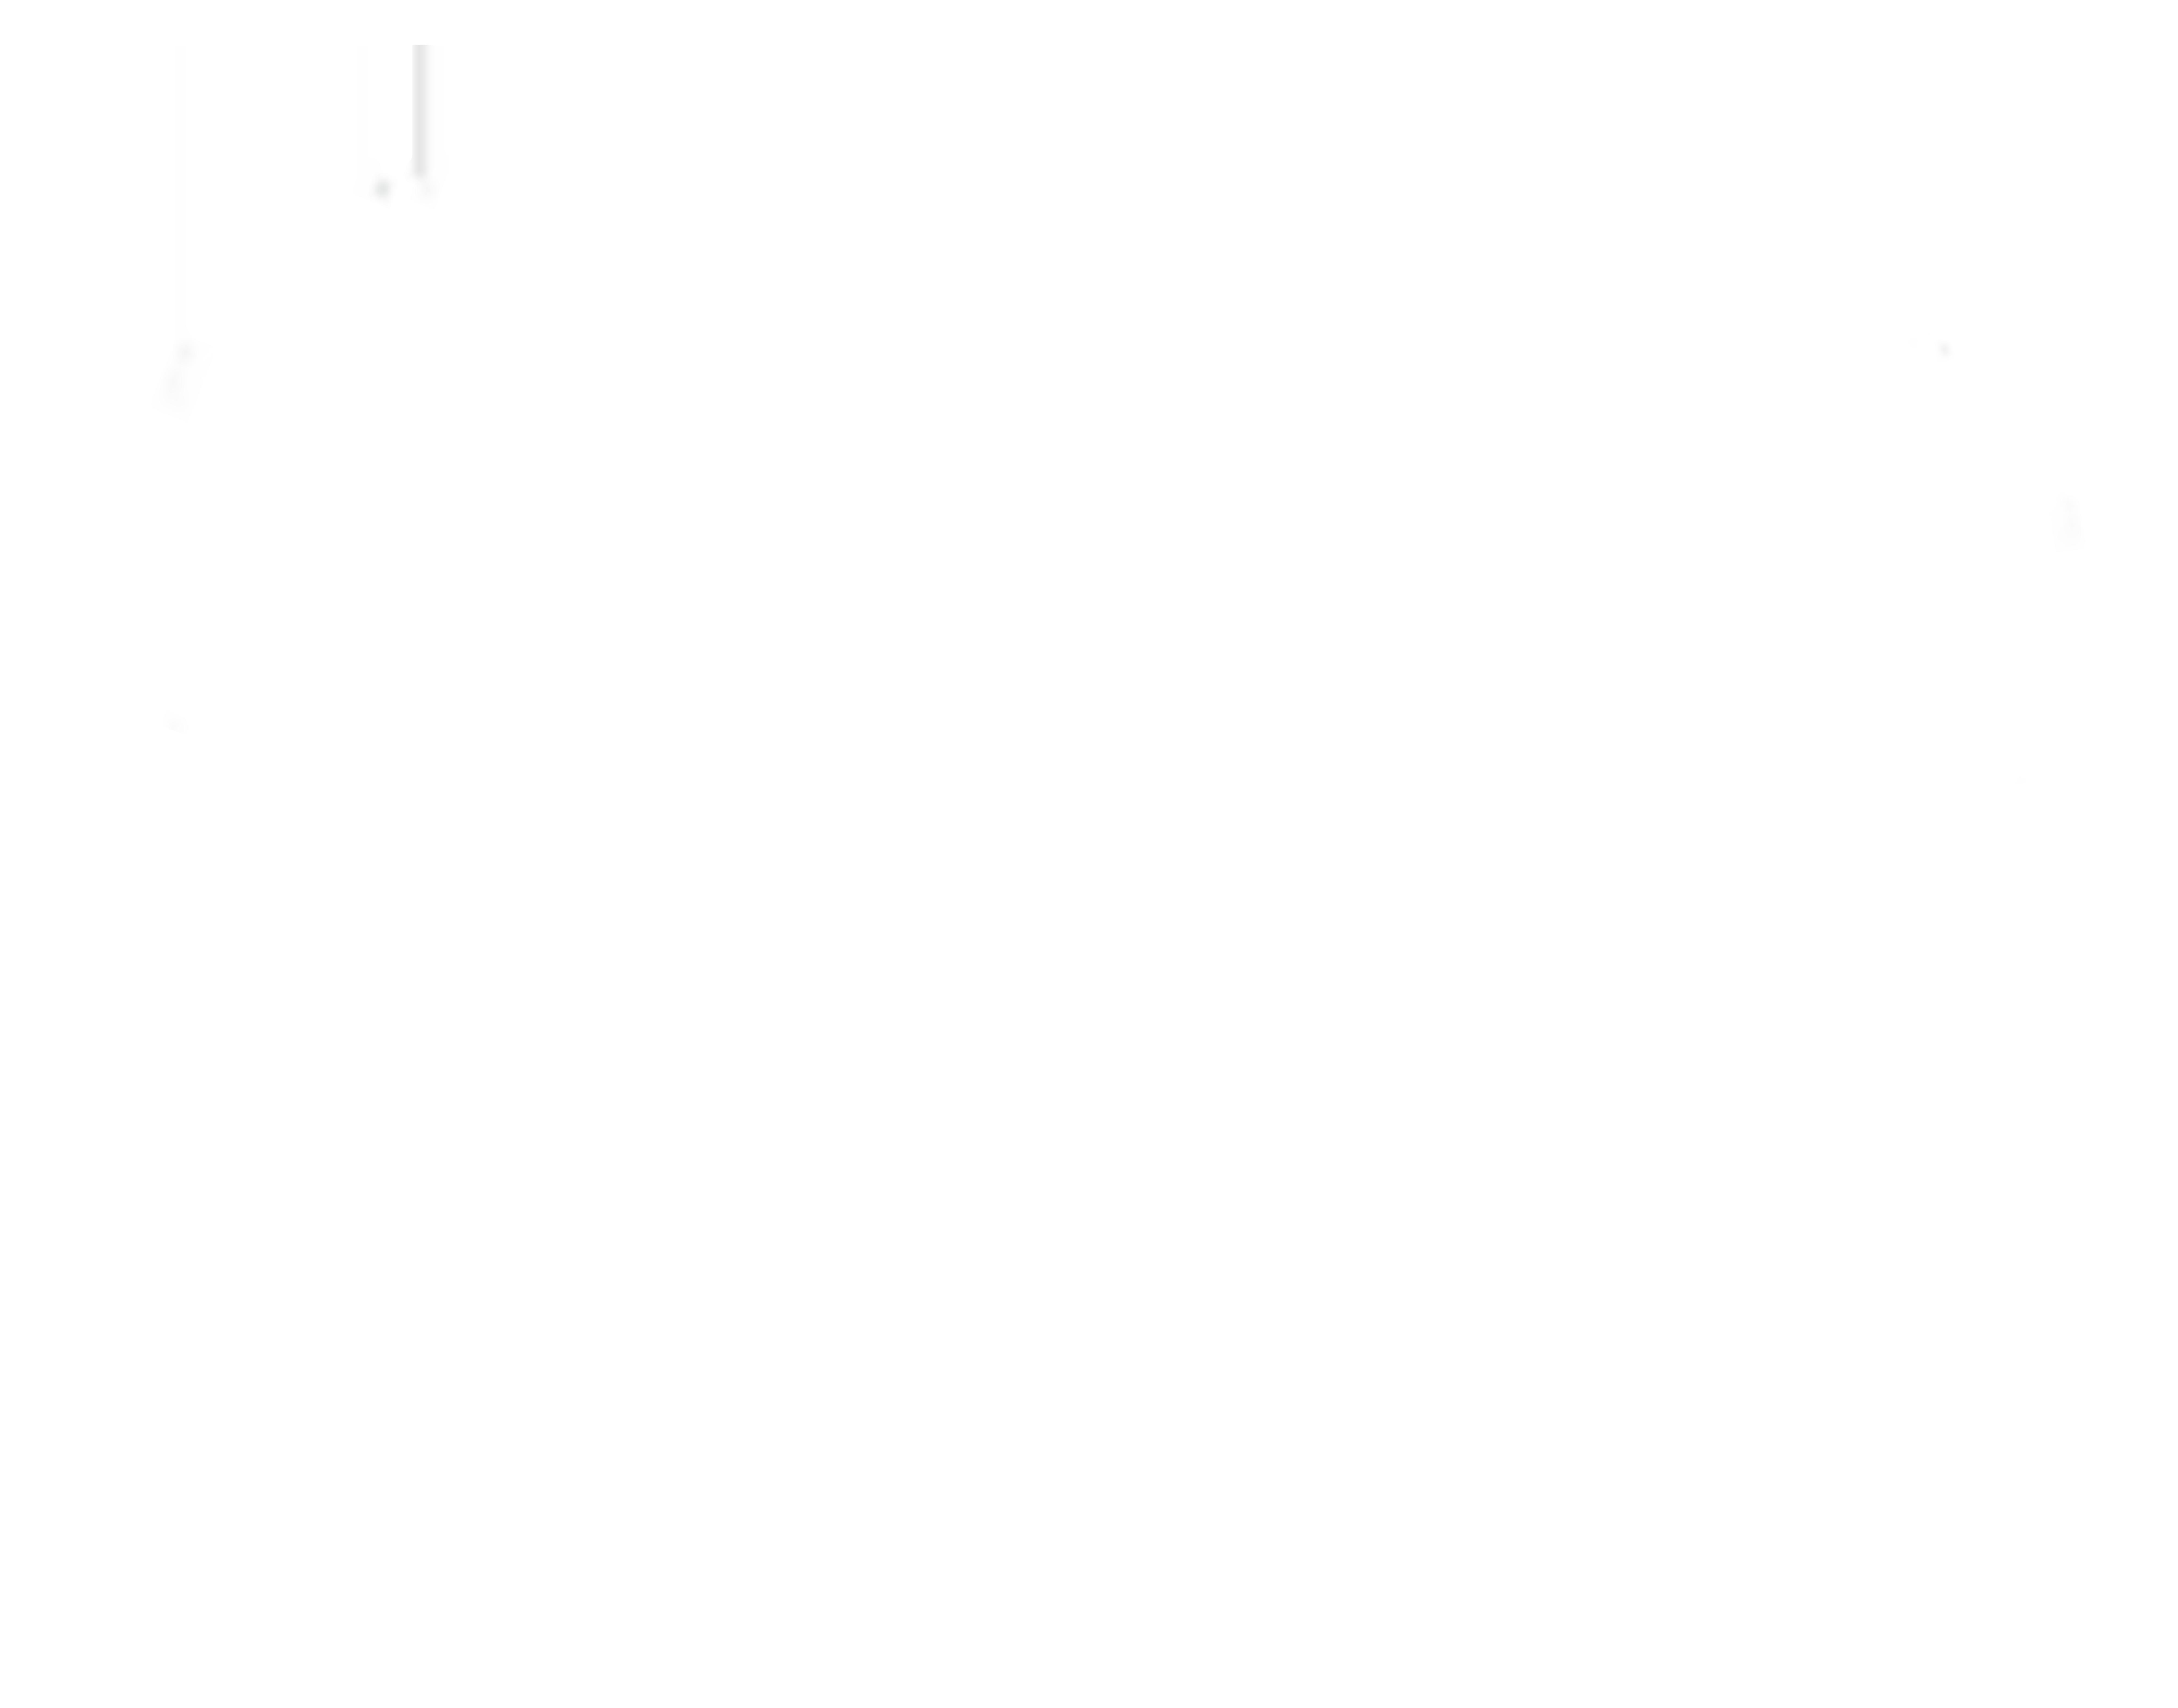 Hearts clipart cloud. Heart png clip art